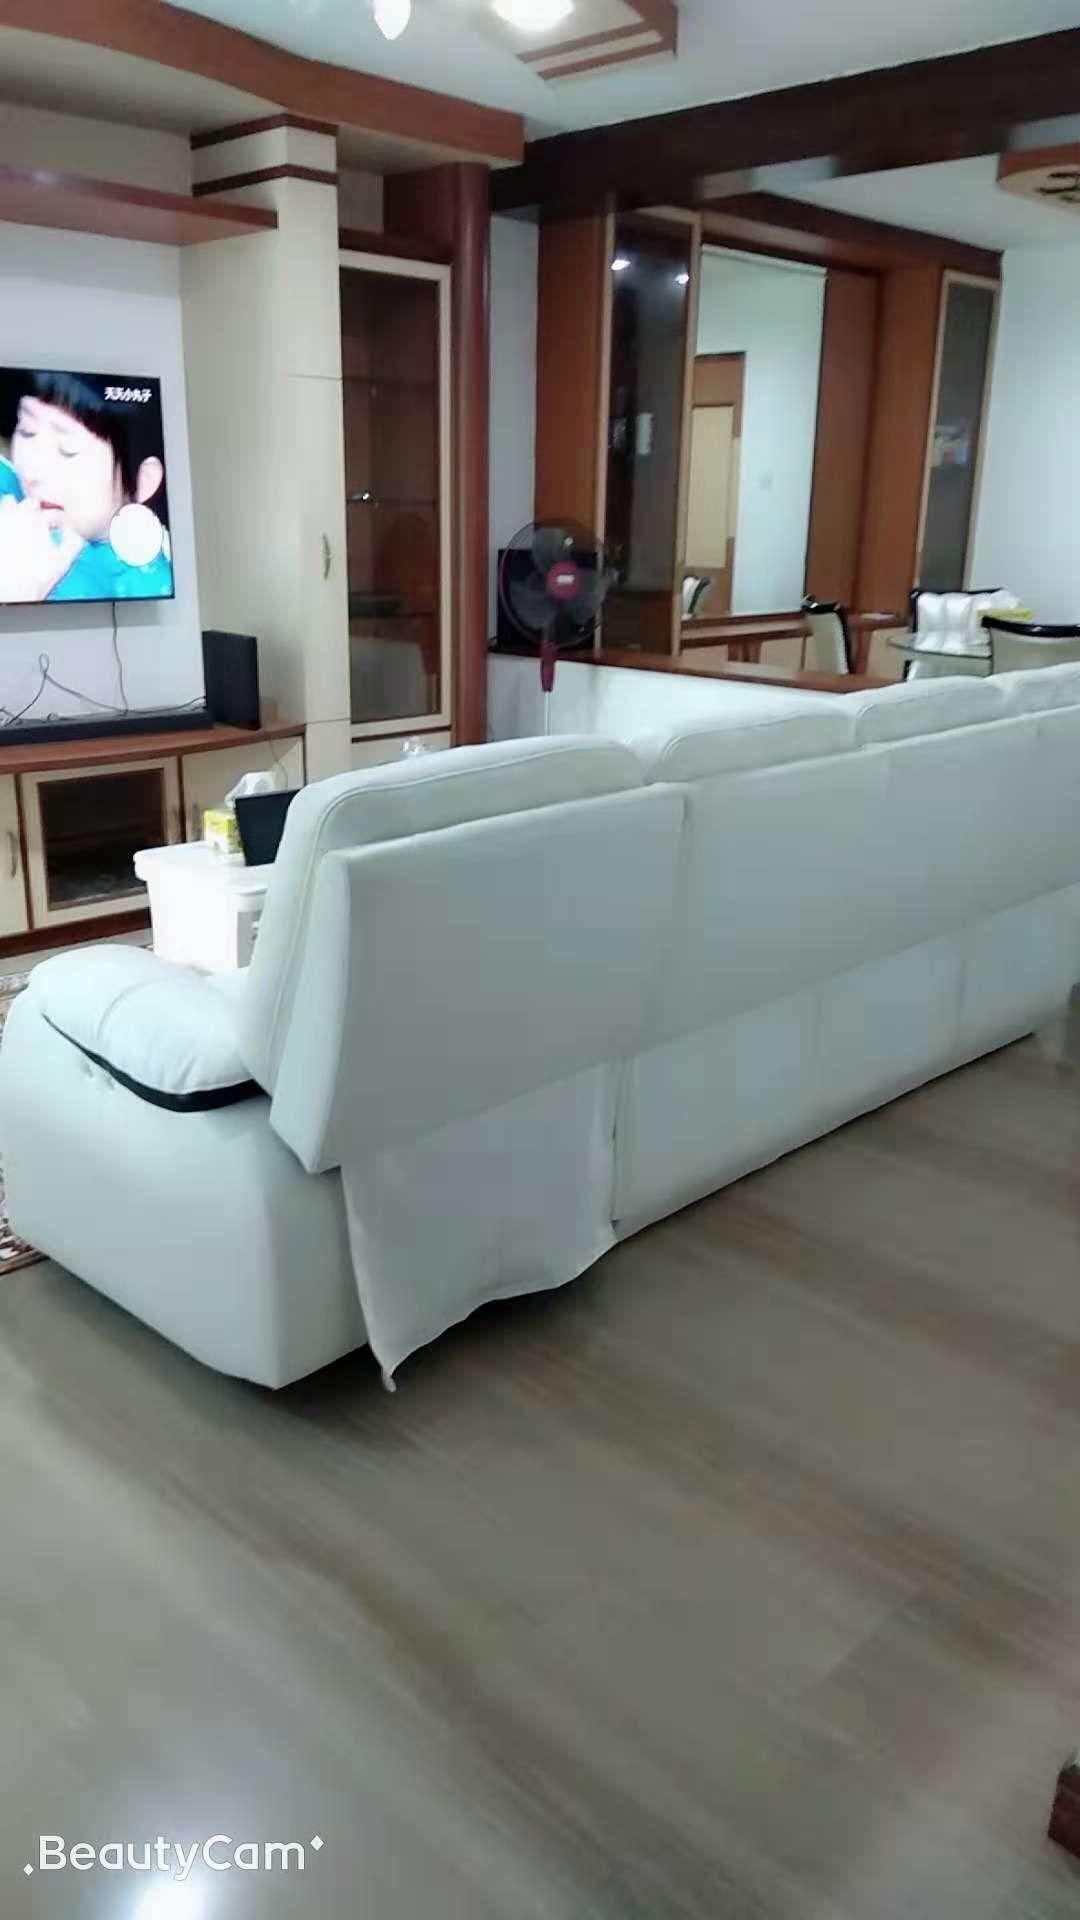 新加坡三巴旺房间出租,精美的客厅沙发照片